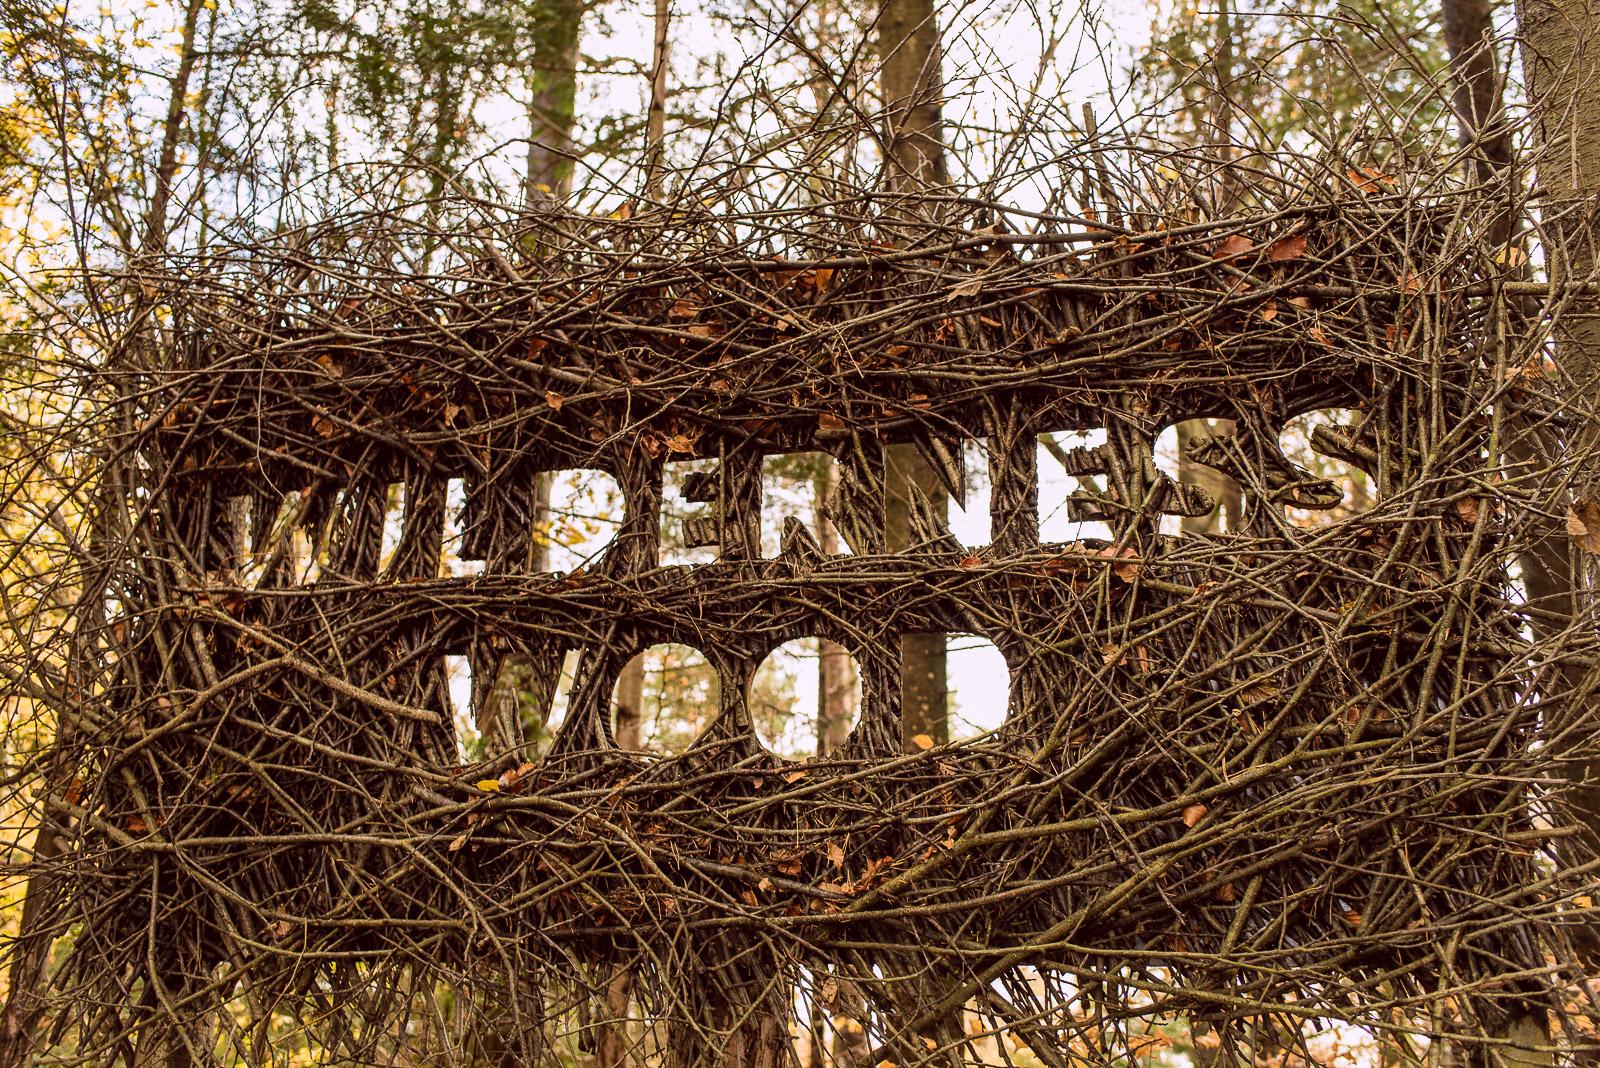 wilderness woods hadlow down sussex